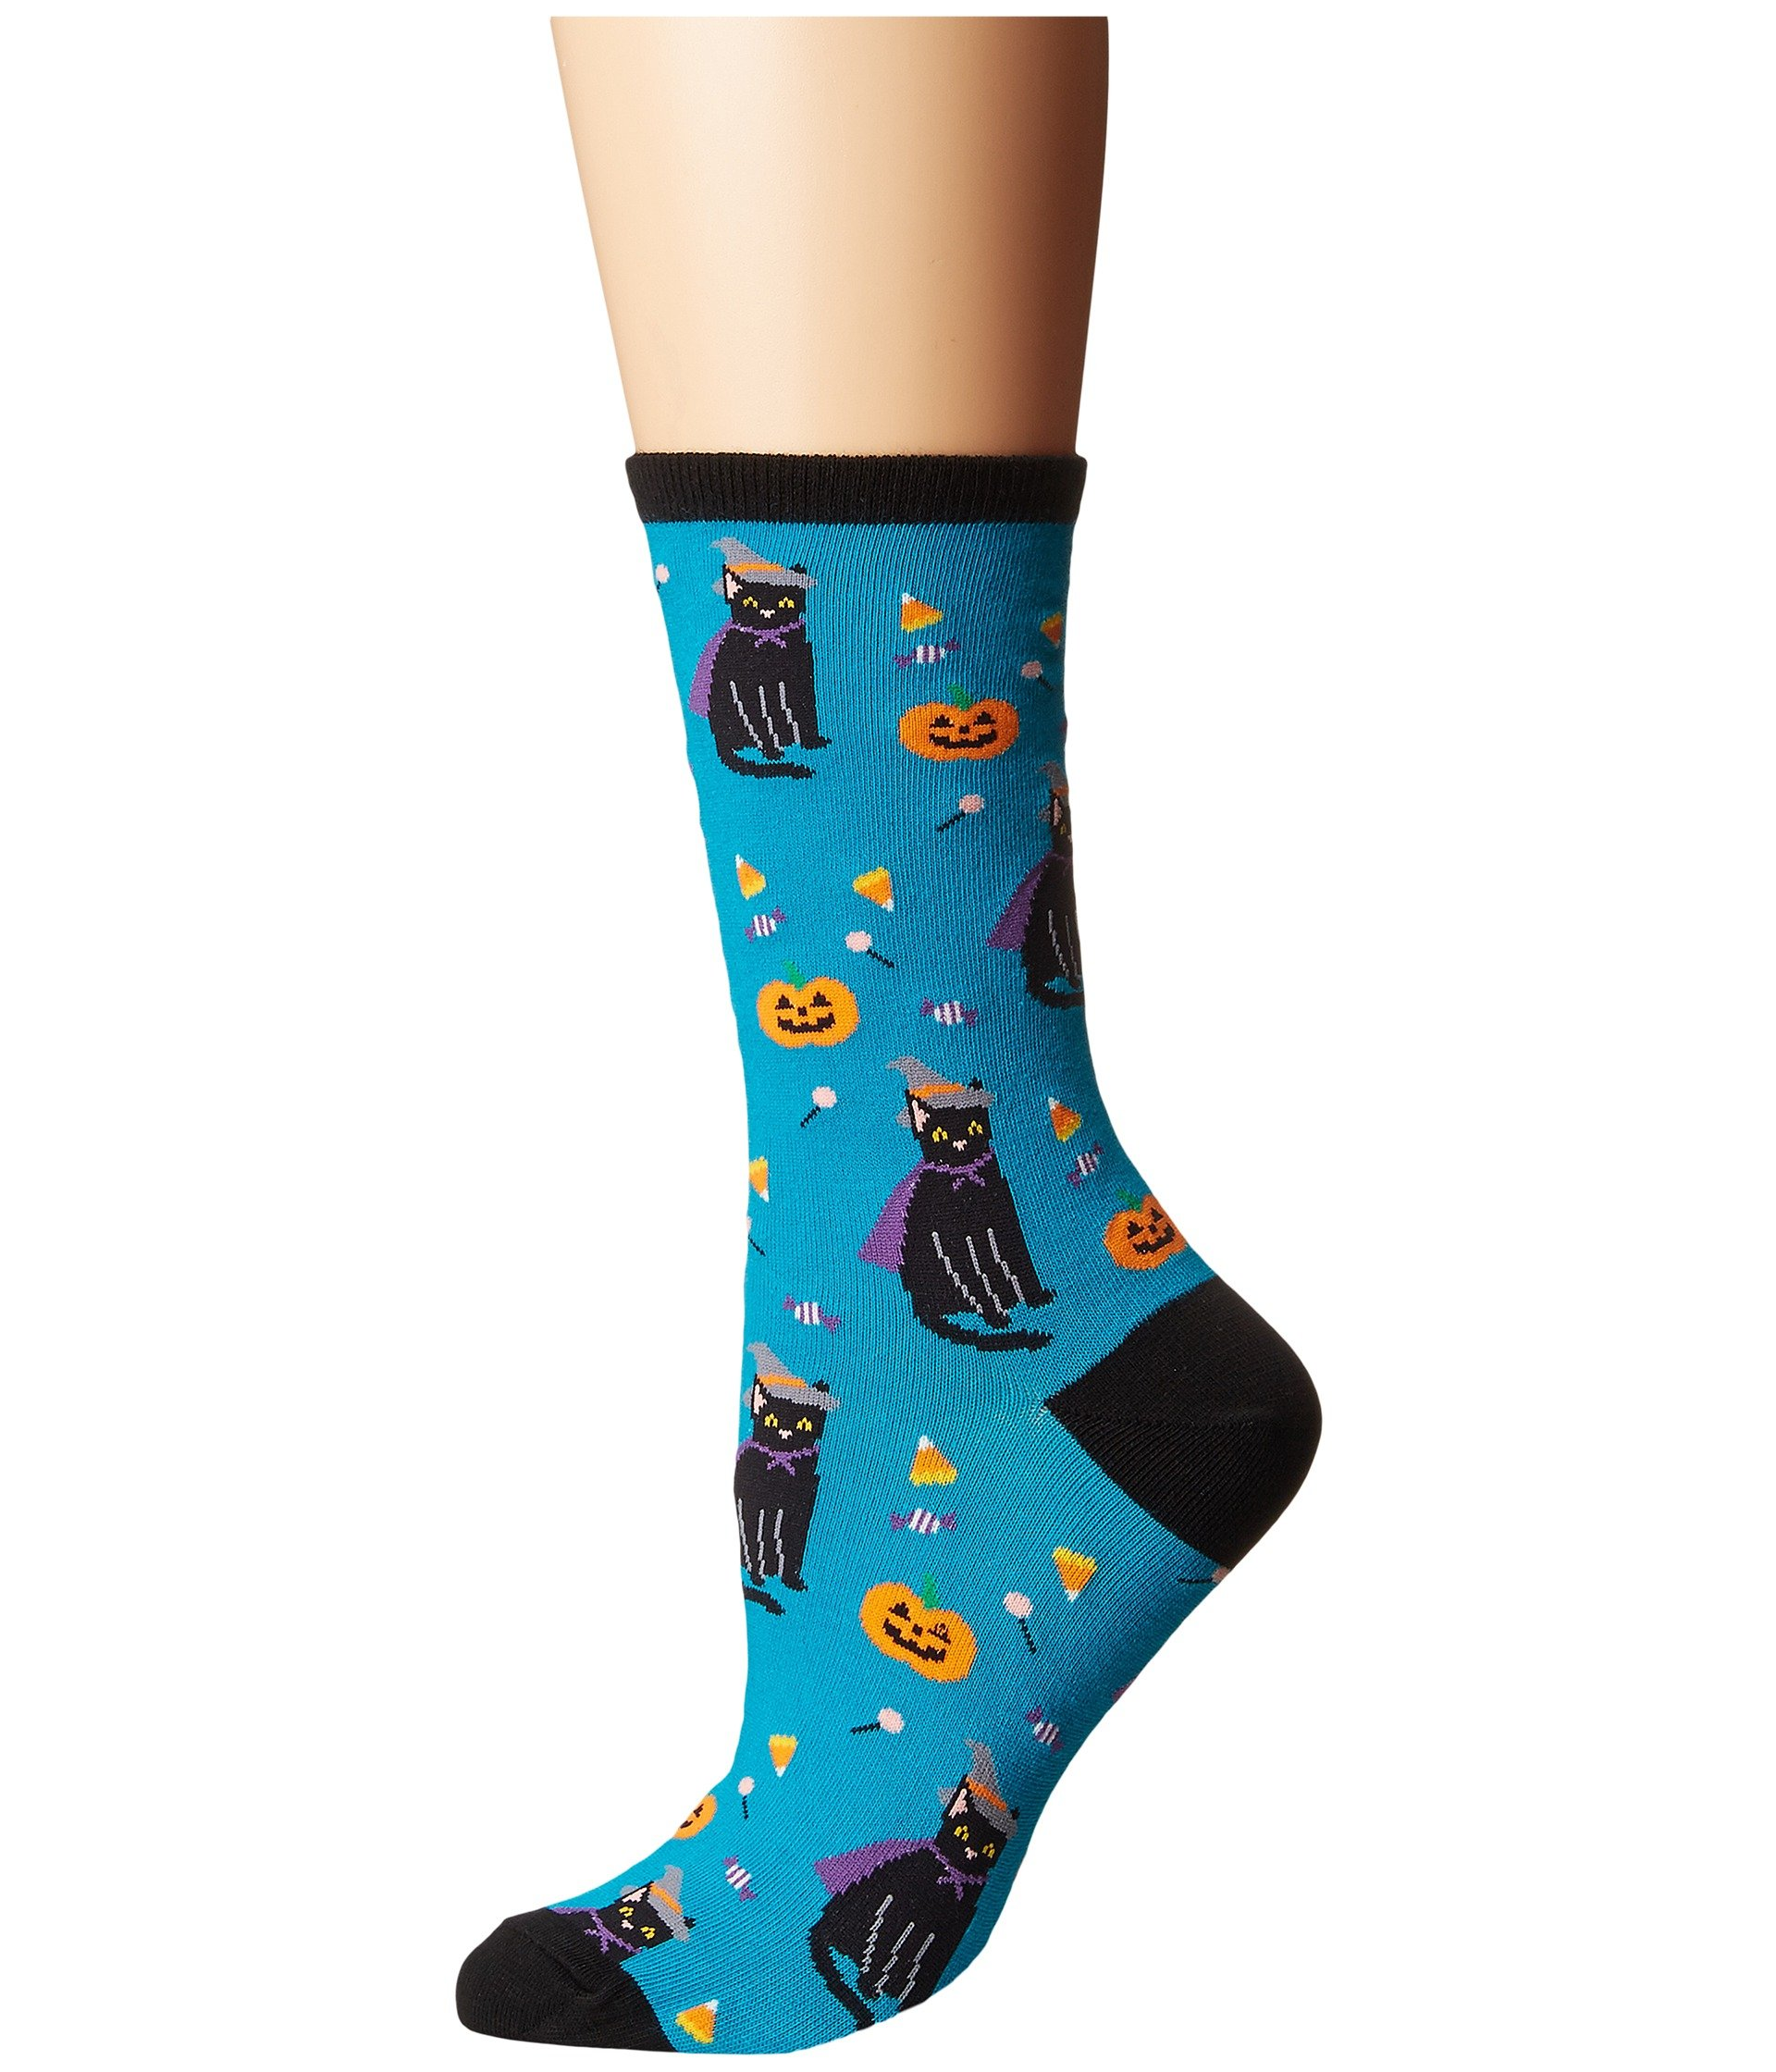 Witch Aquamarine Aquamarine Witch Cat Socksmith Witch Cat Cat Socksmith Socksmith z4XtTq